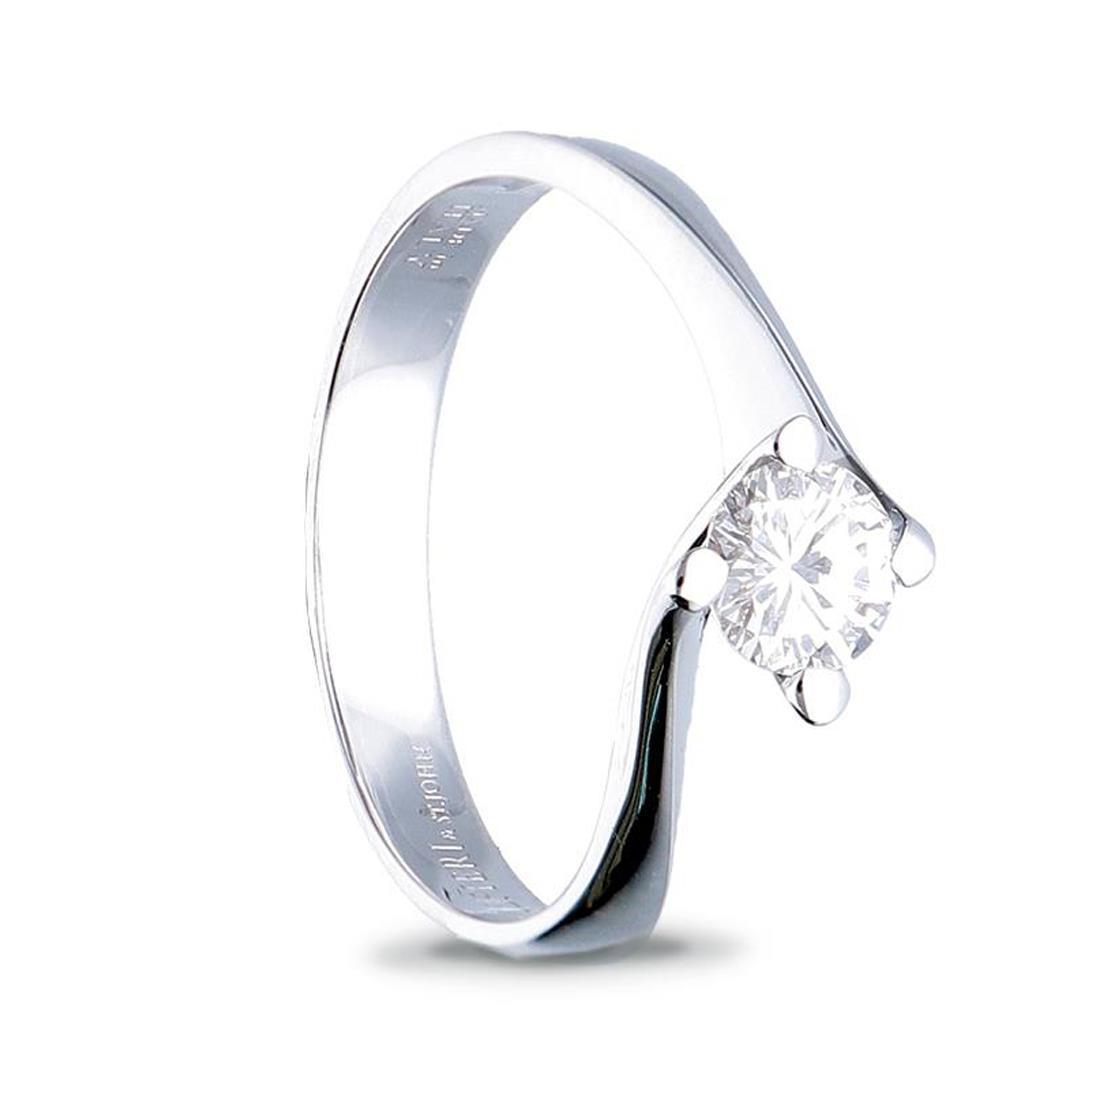 Anello solitario con diamante ct. 0,25 - ALFIERI & ST. JOHN